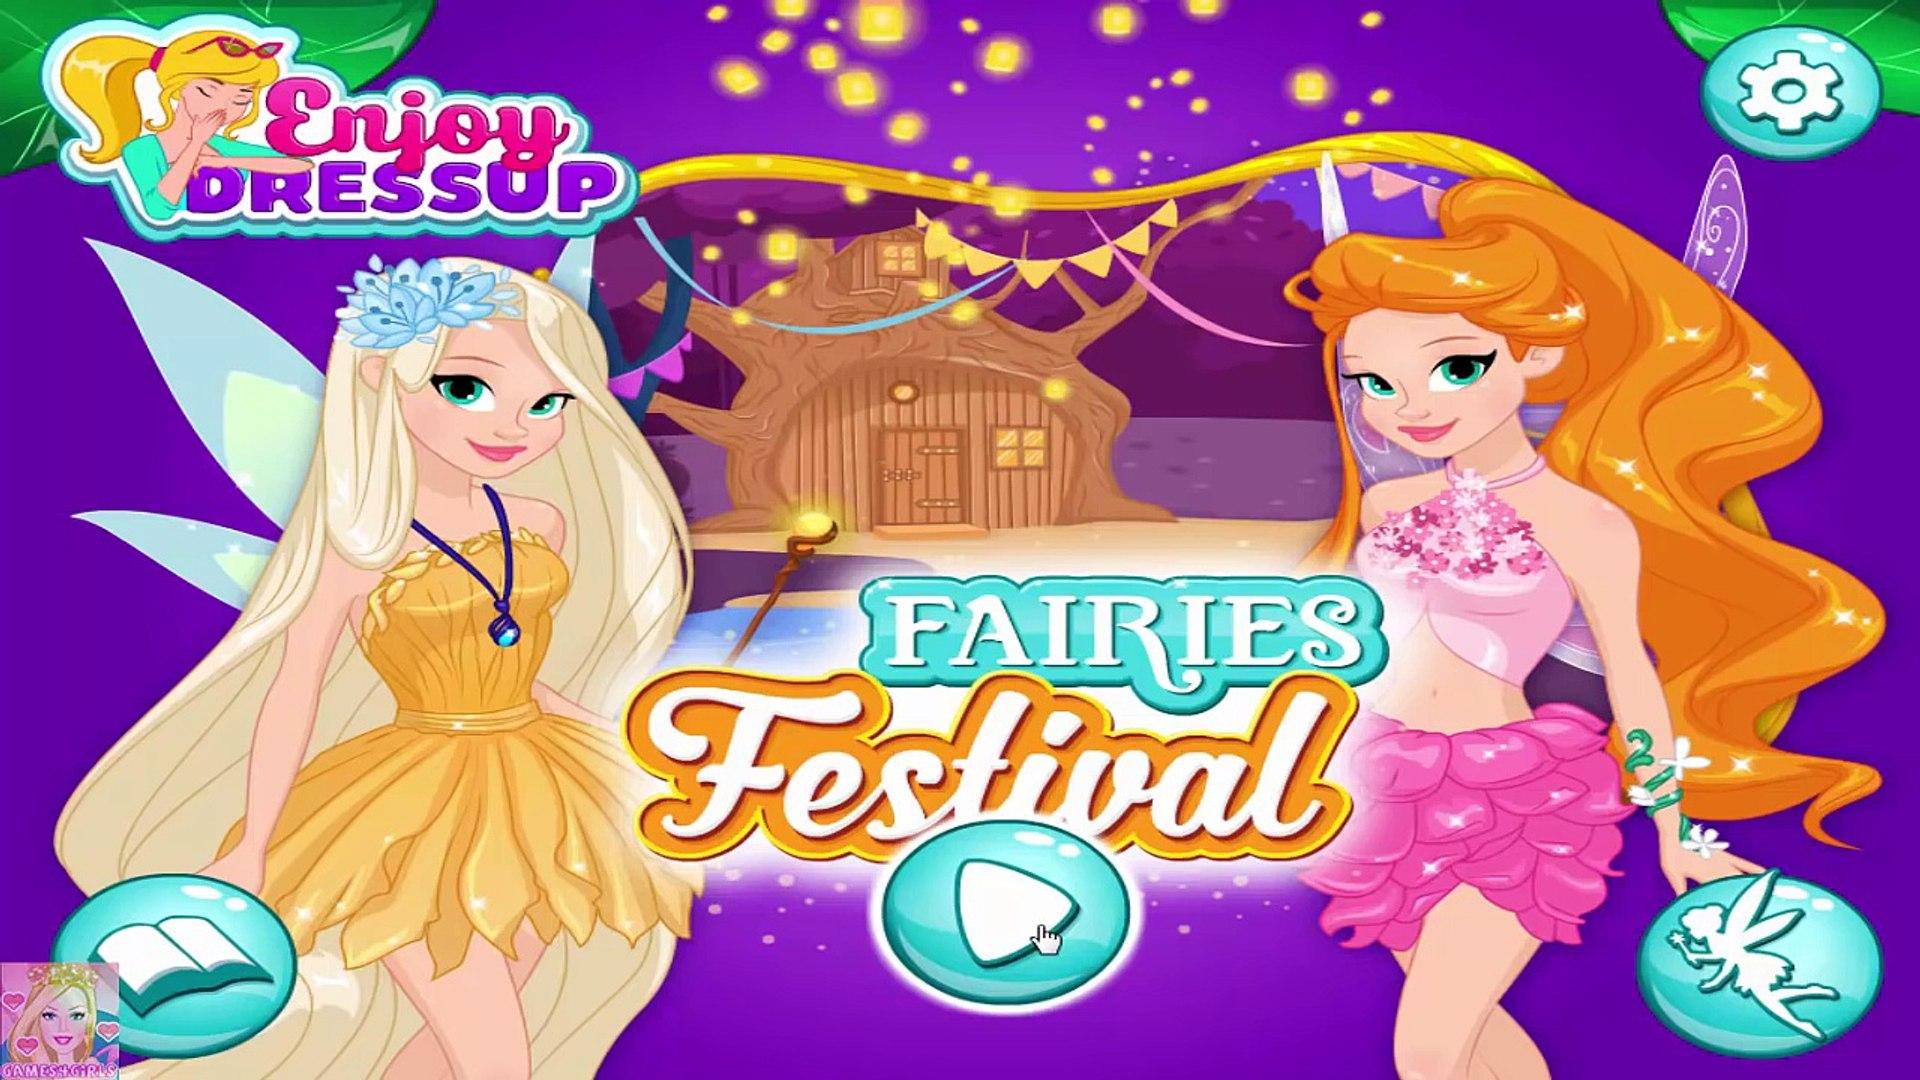 Fairies Festival - Fairies Dress Up Game for Girls